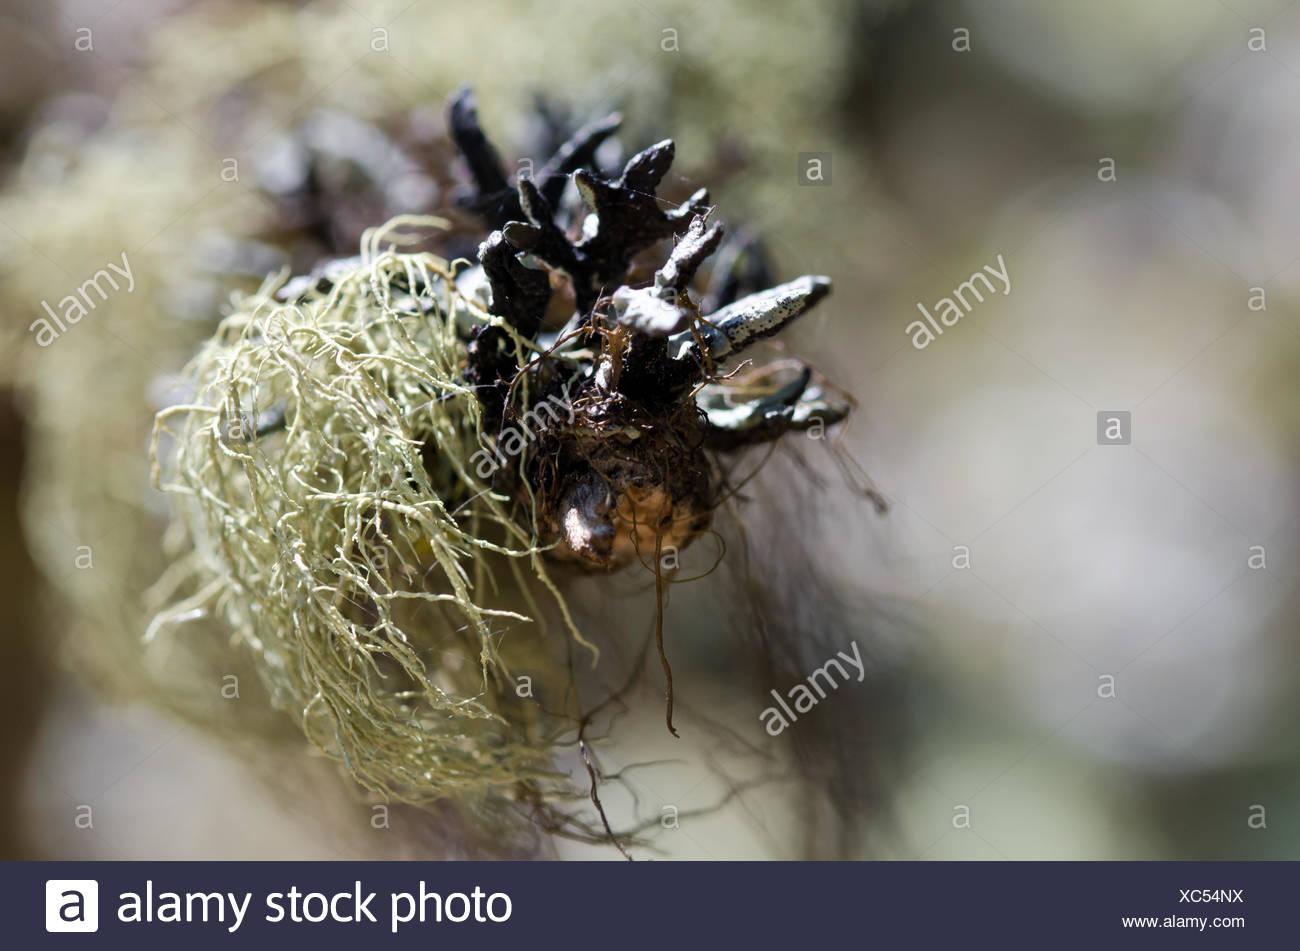 Nature's Abstract - Vert mousse haillons accroché sur l'extrémité de branche morte Photo Stock